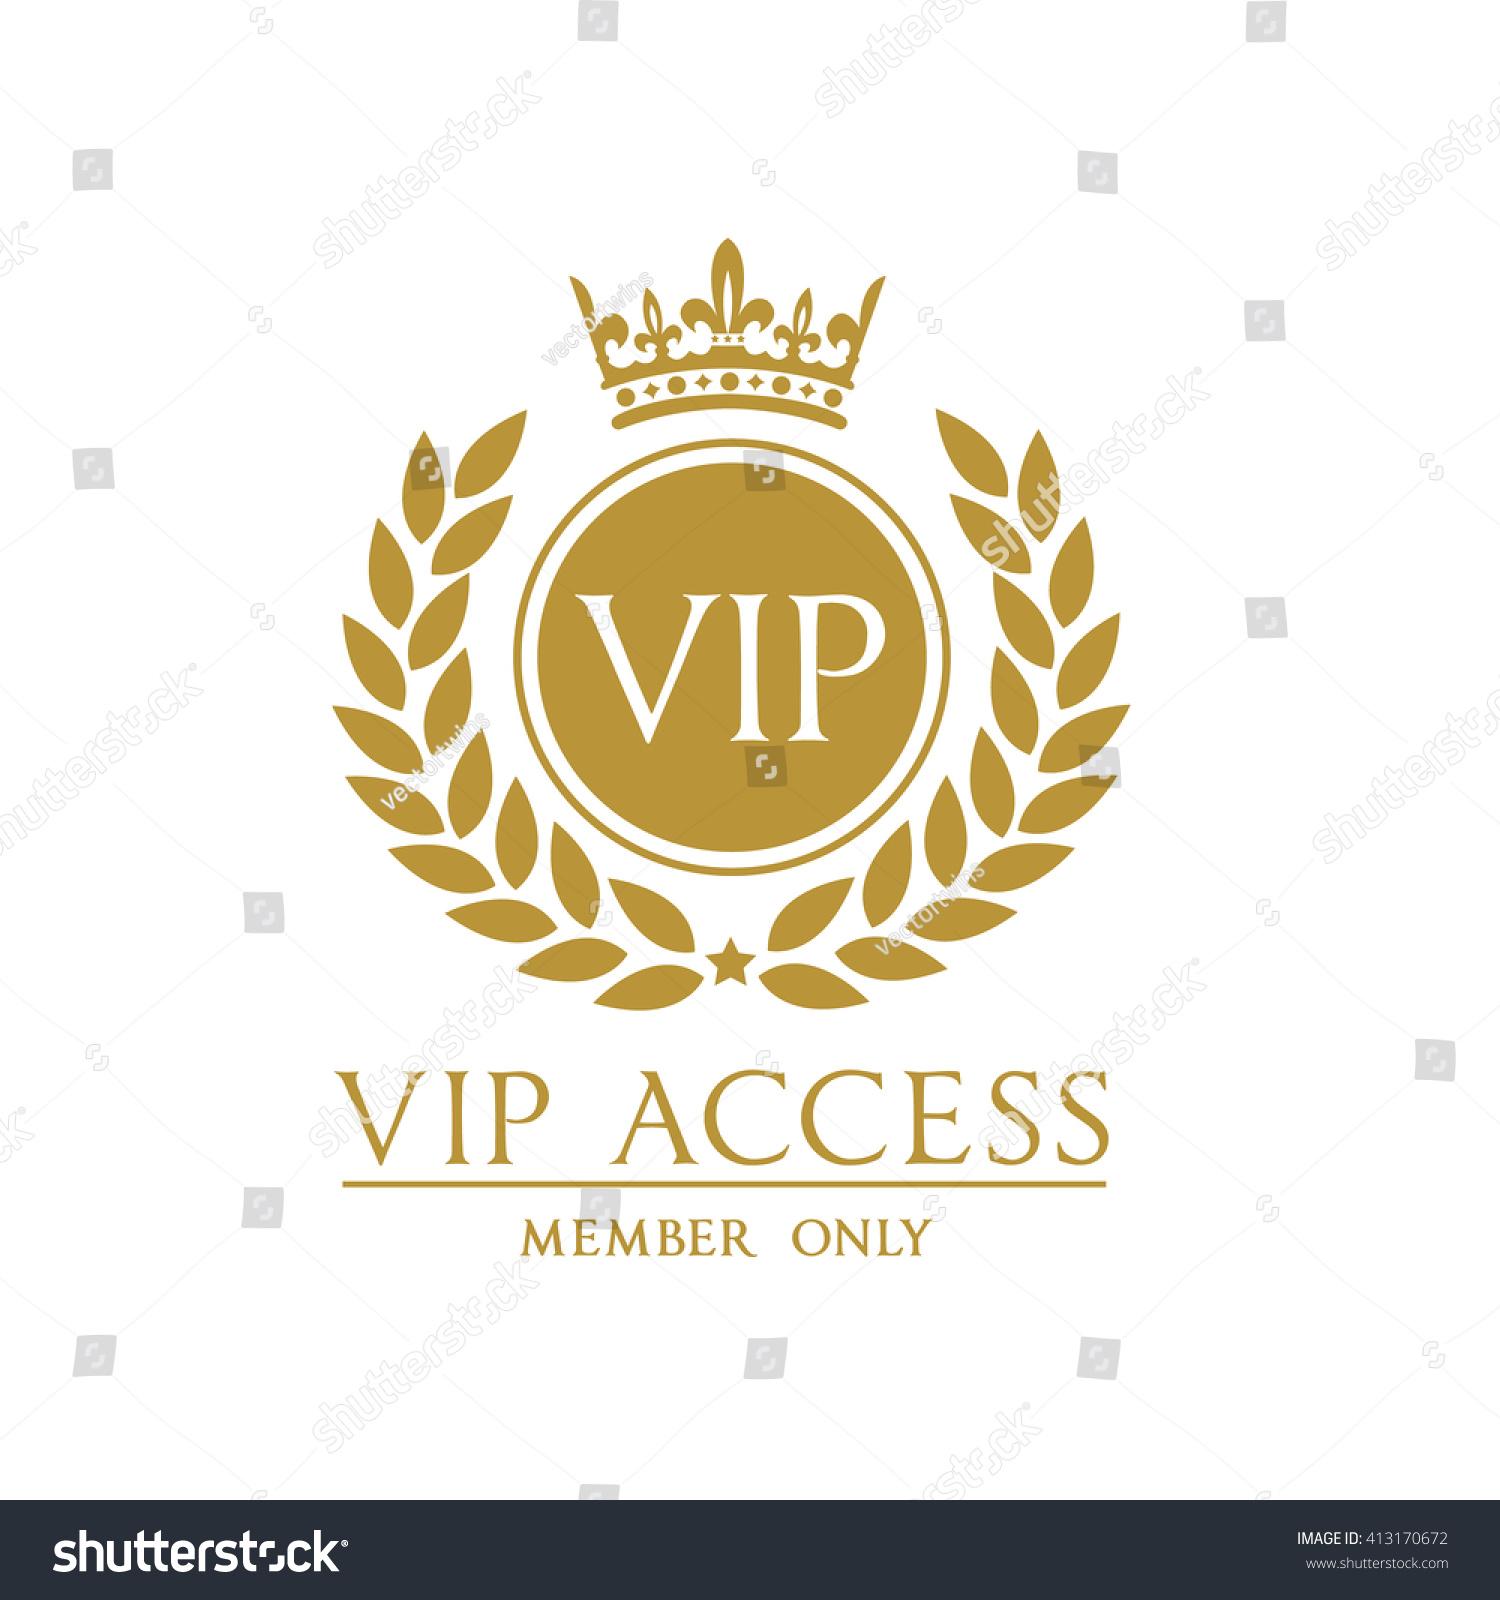 VIP access member logo template Stock Photo 413170672 - Avopix com